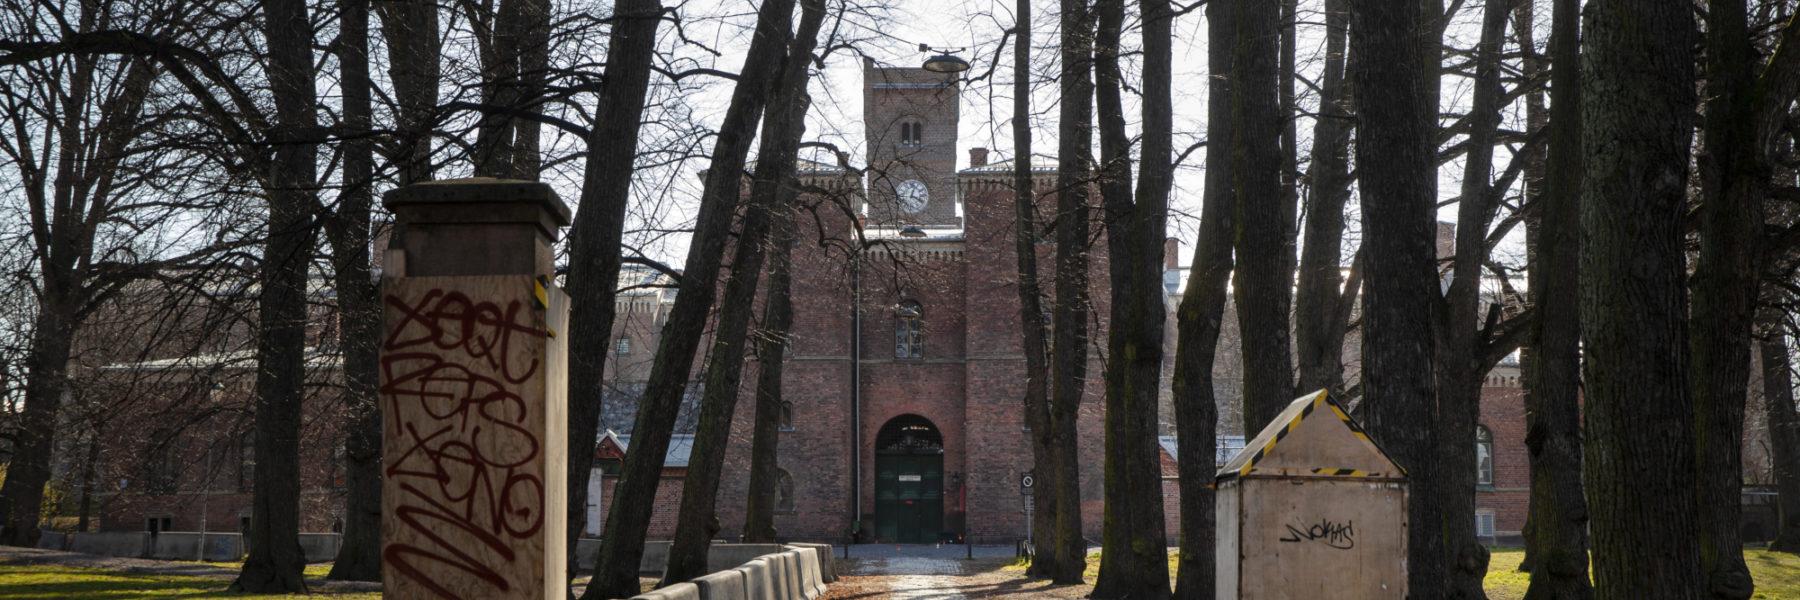 Bildet er tatt ved porten til veien som leder til inngangsdøren til Oslo fengsel. Sollyset titter frem mellom de bladløse trærne.